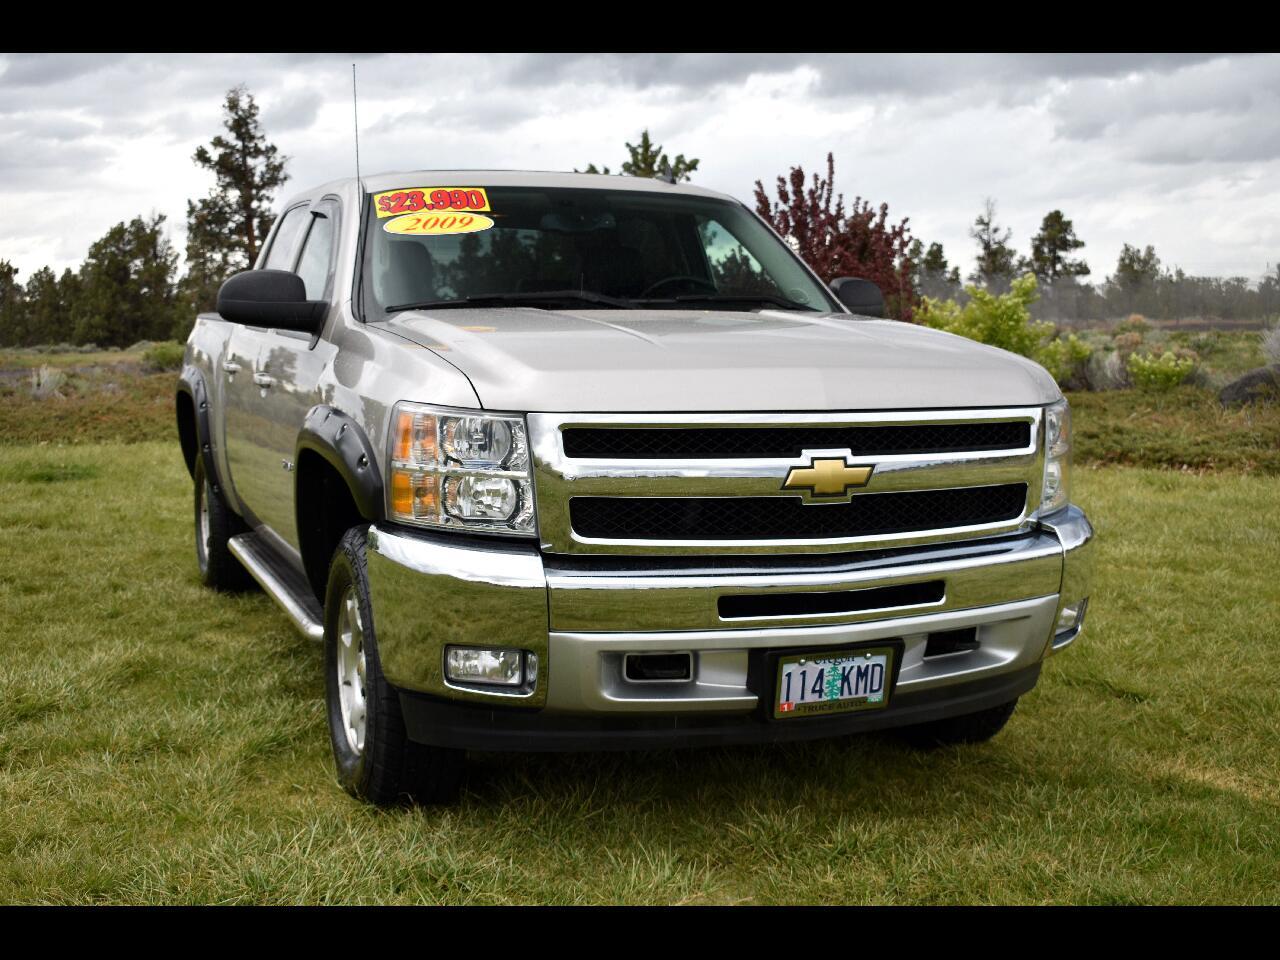 2009 Chevrolet Silverado 1500 CREW CAB LTZ **LOW MILES**